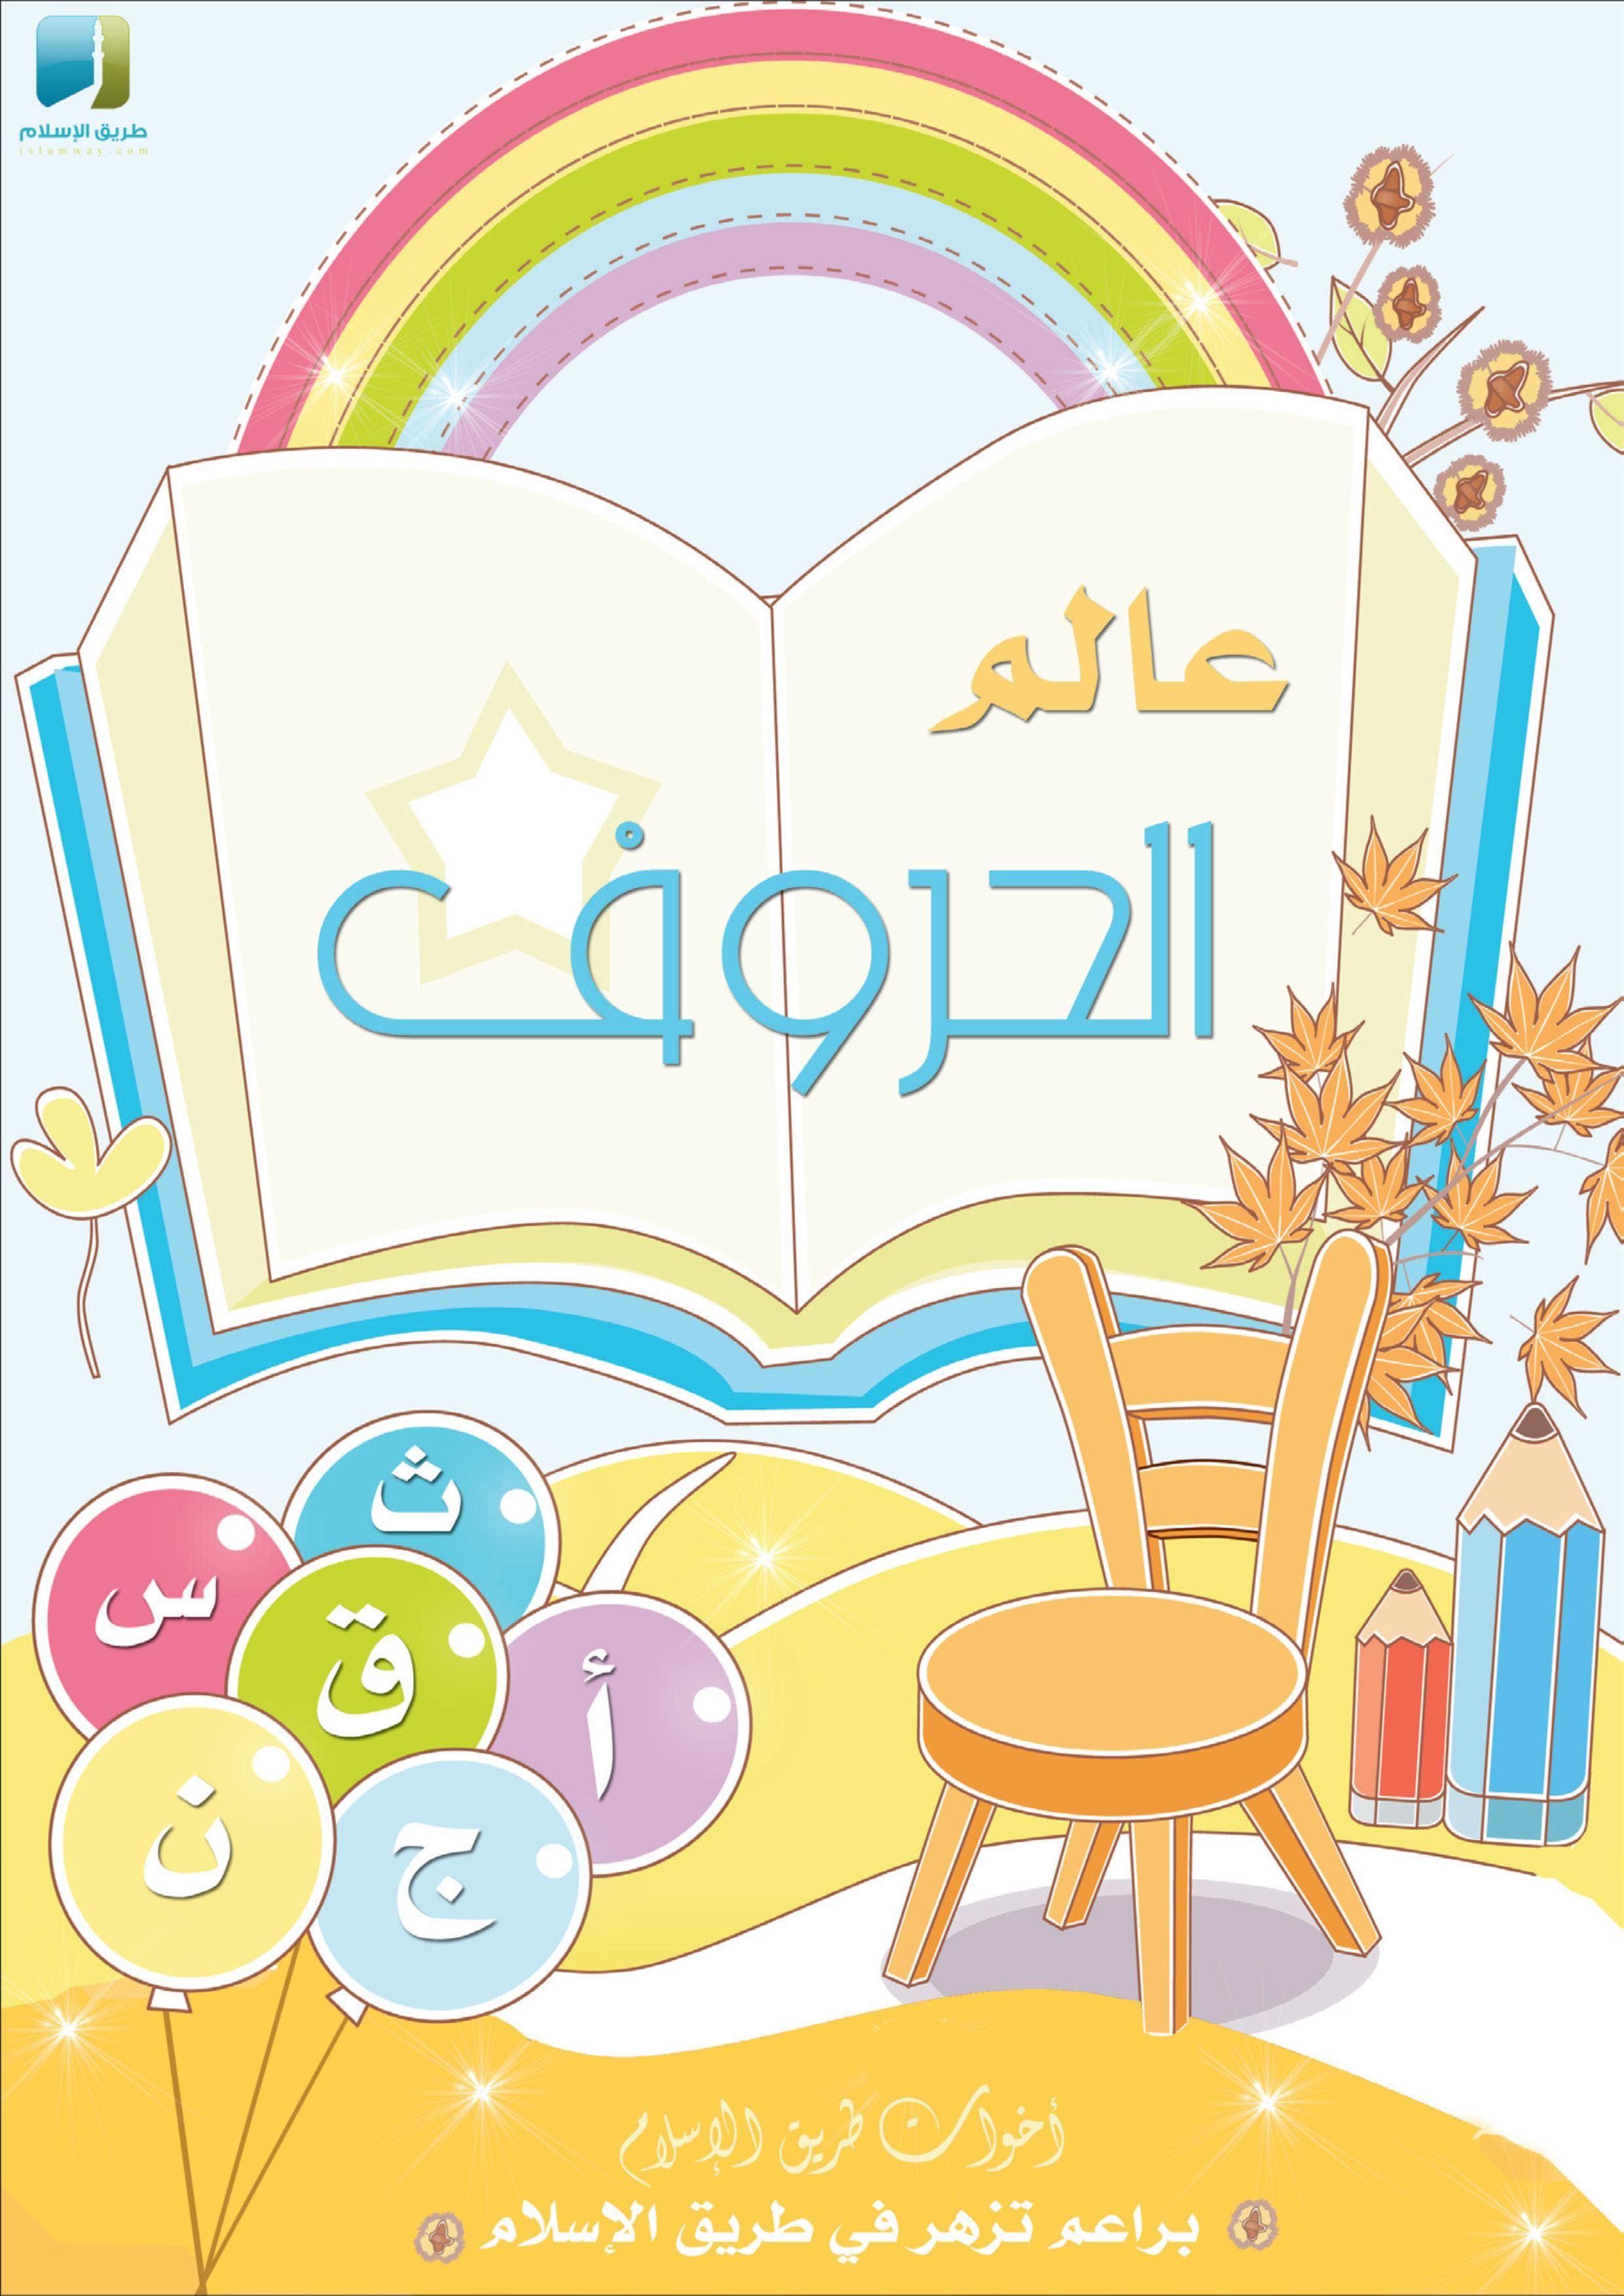 كتاب عالم الحروف ممتع للاطفال لحفظ الحروف العربية المعلمة أسماء Alphabet For Kids Islamic Kids Activities Alphabet Preschool